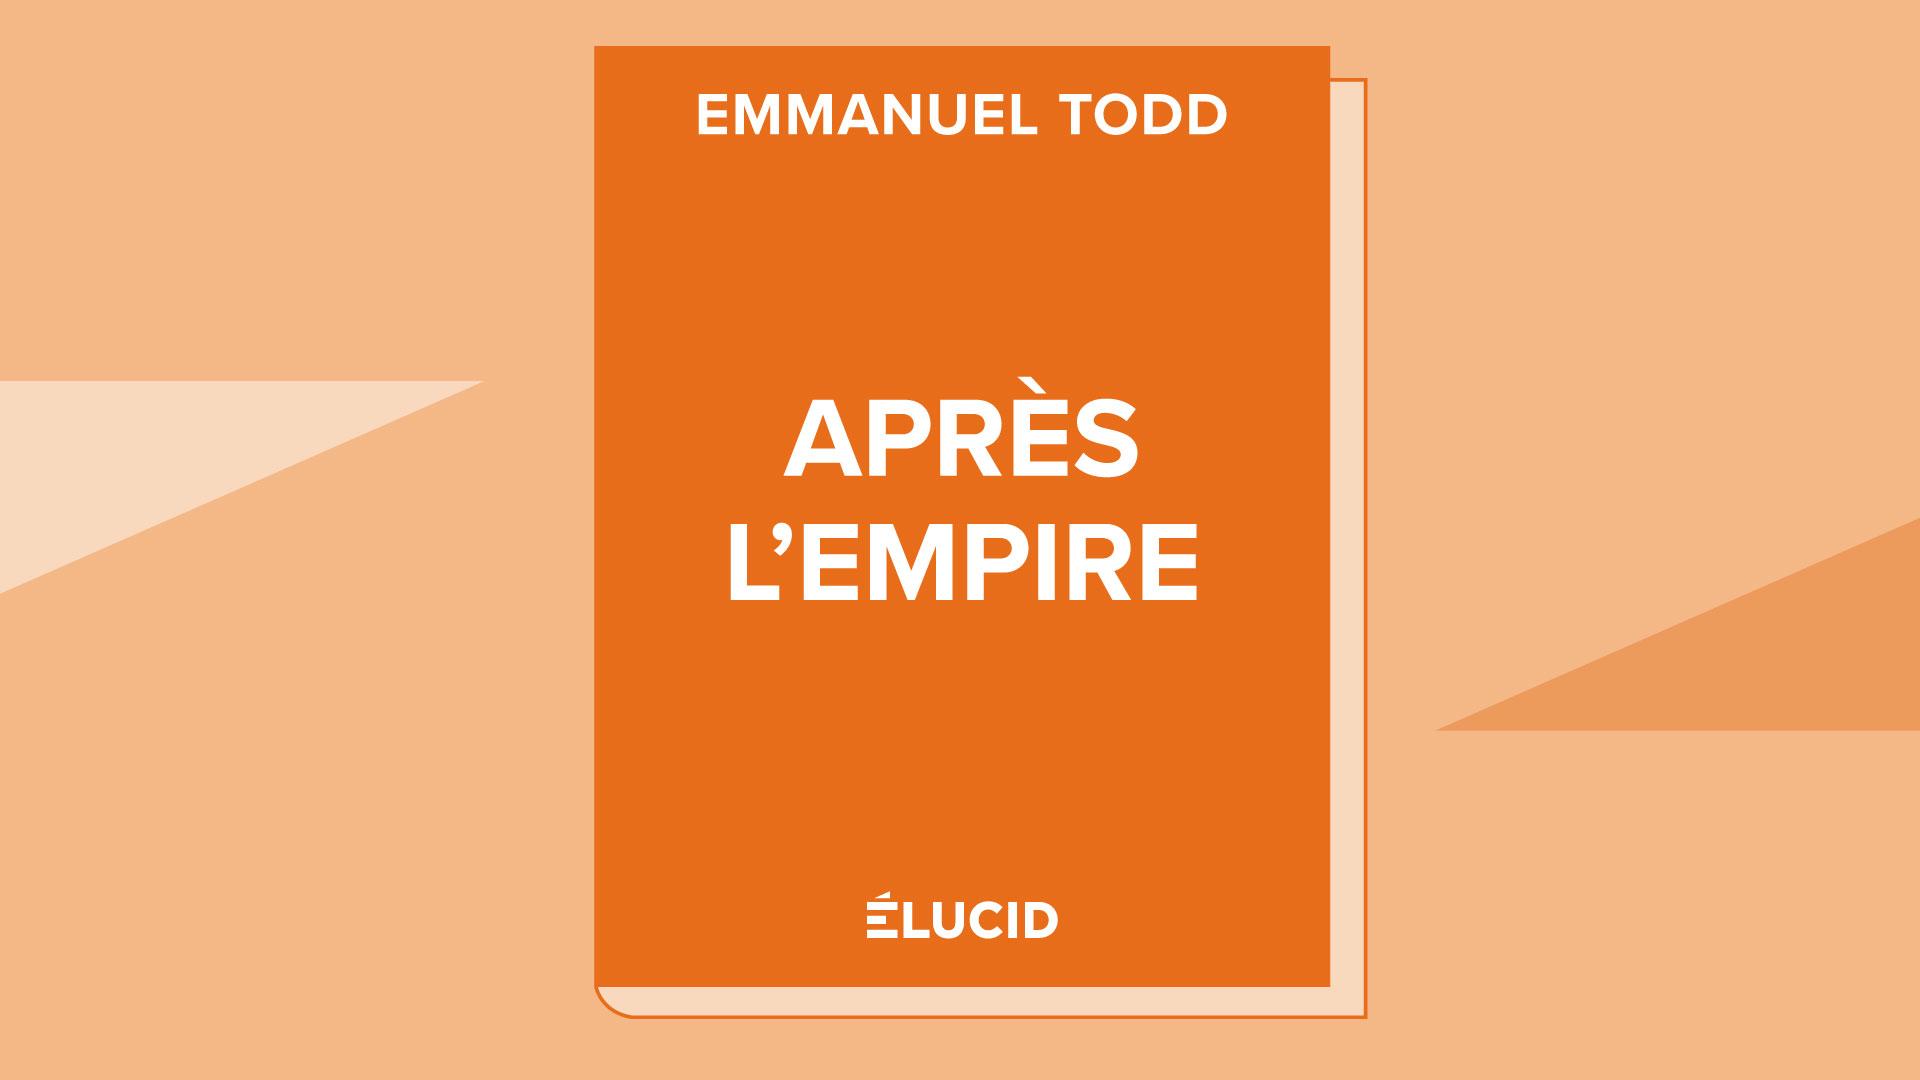 APRÈS L'EMPIRE – Emmanuel Todd